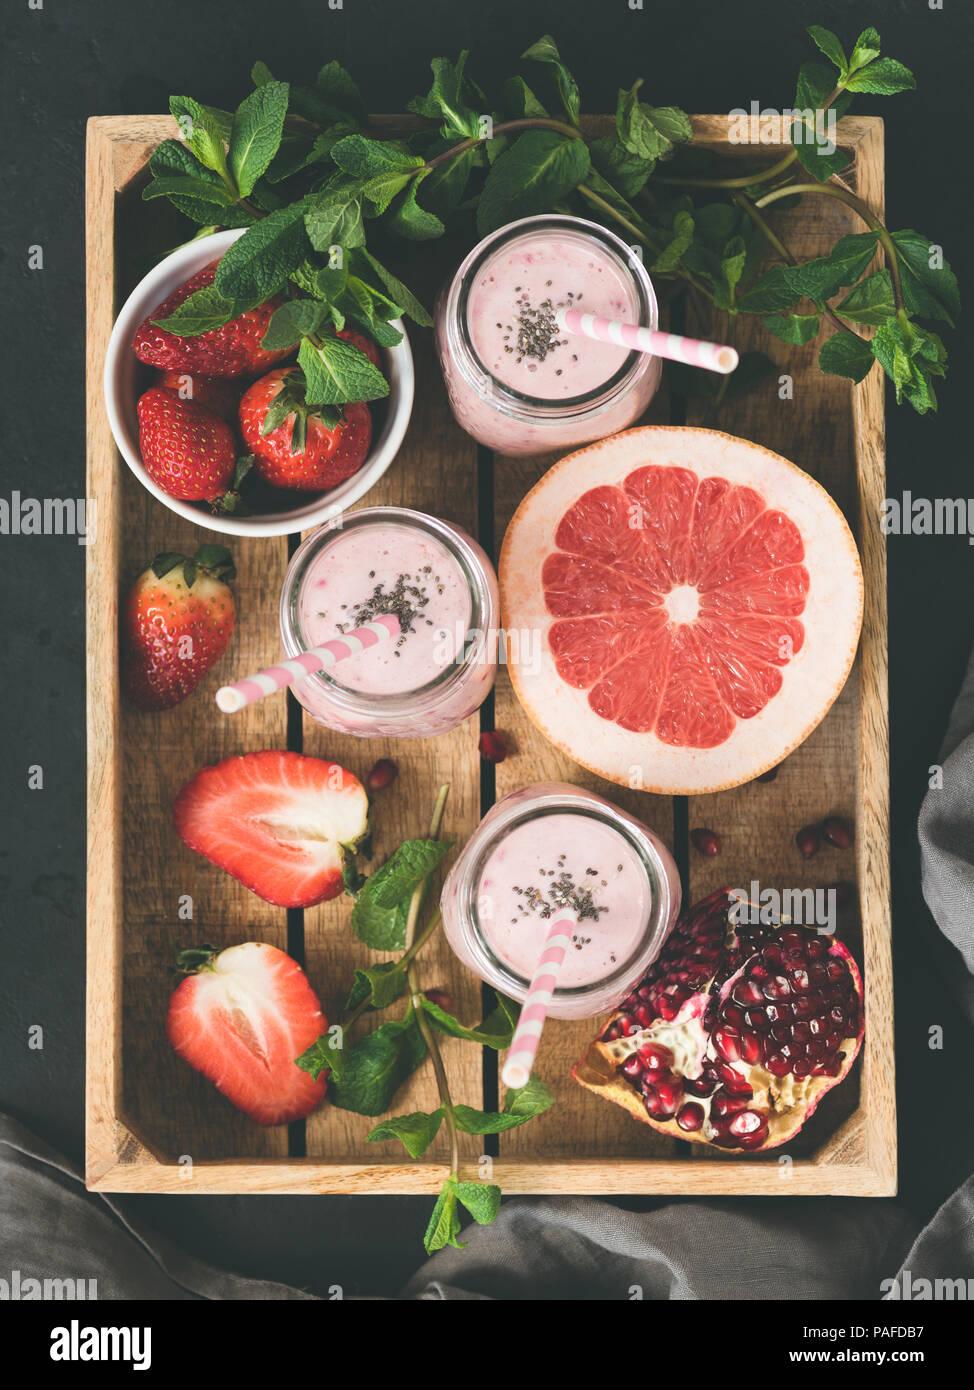 Obst und Beeren Smoothies auf Holz- fach, Ansicht von oben, getönten Bild. Konzept der gesunden Lebensweise und gesunde Ernährung Stockbild